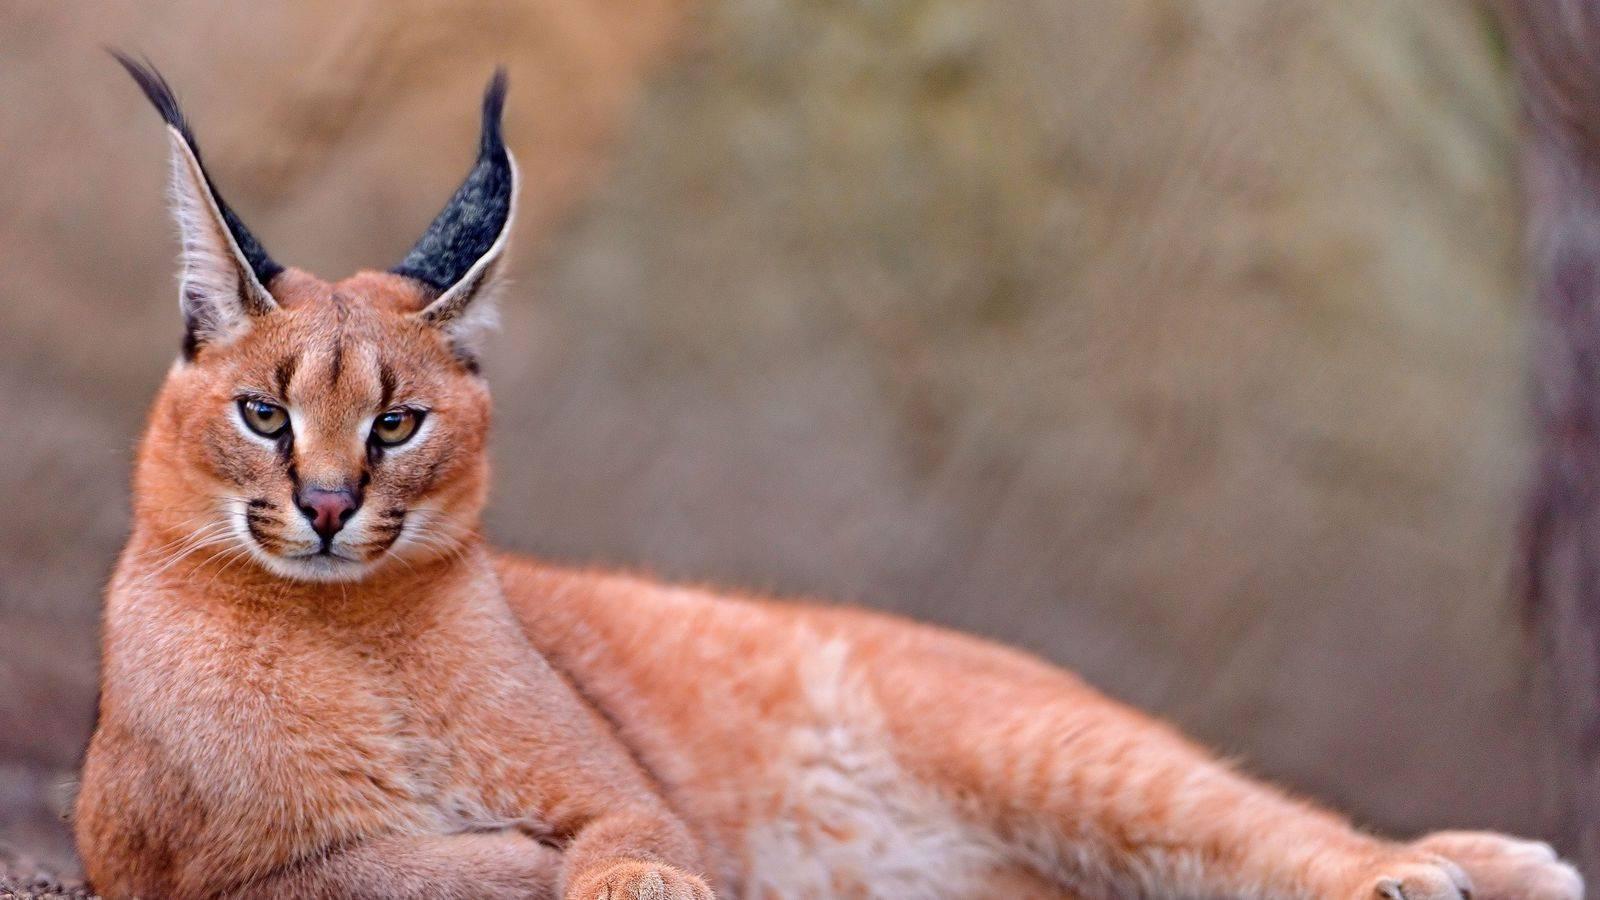 Порода кошек с кисточками на ушах - zhivomag